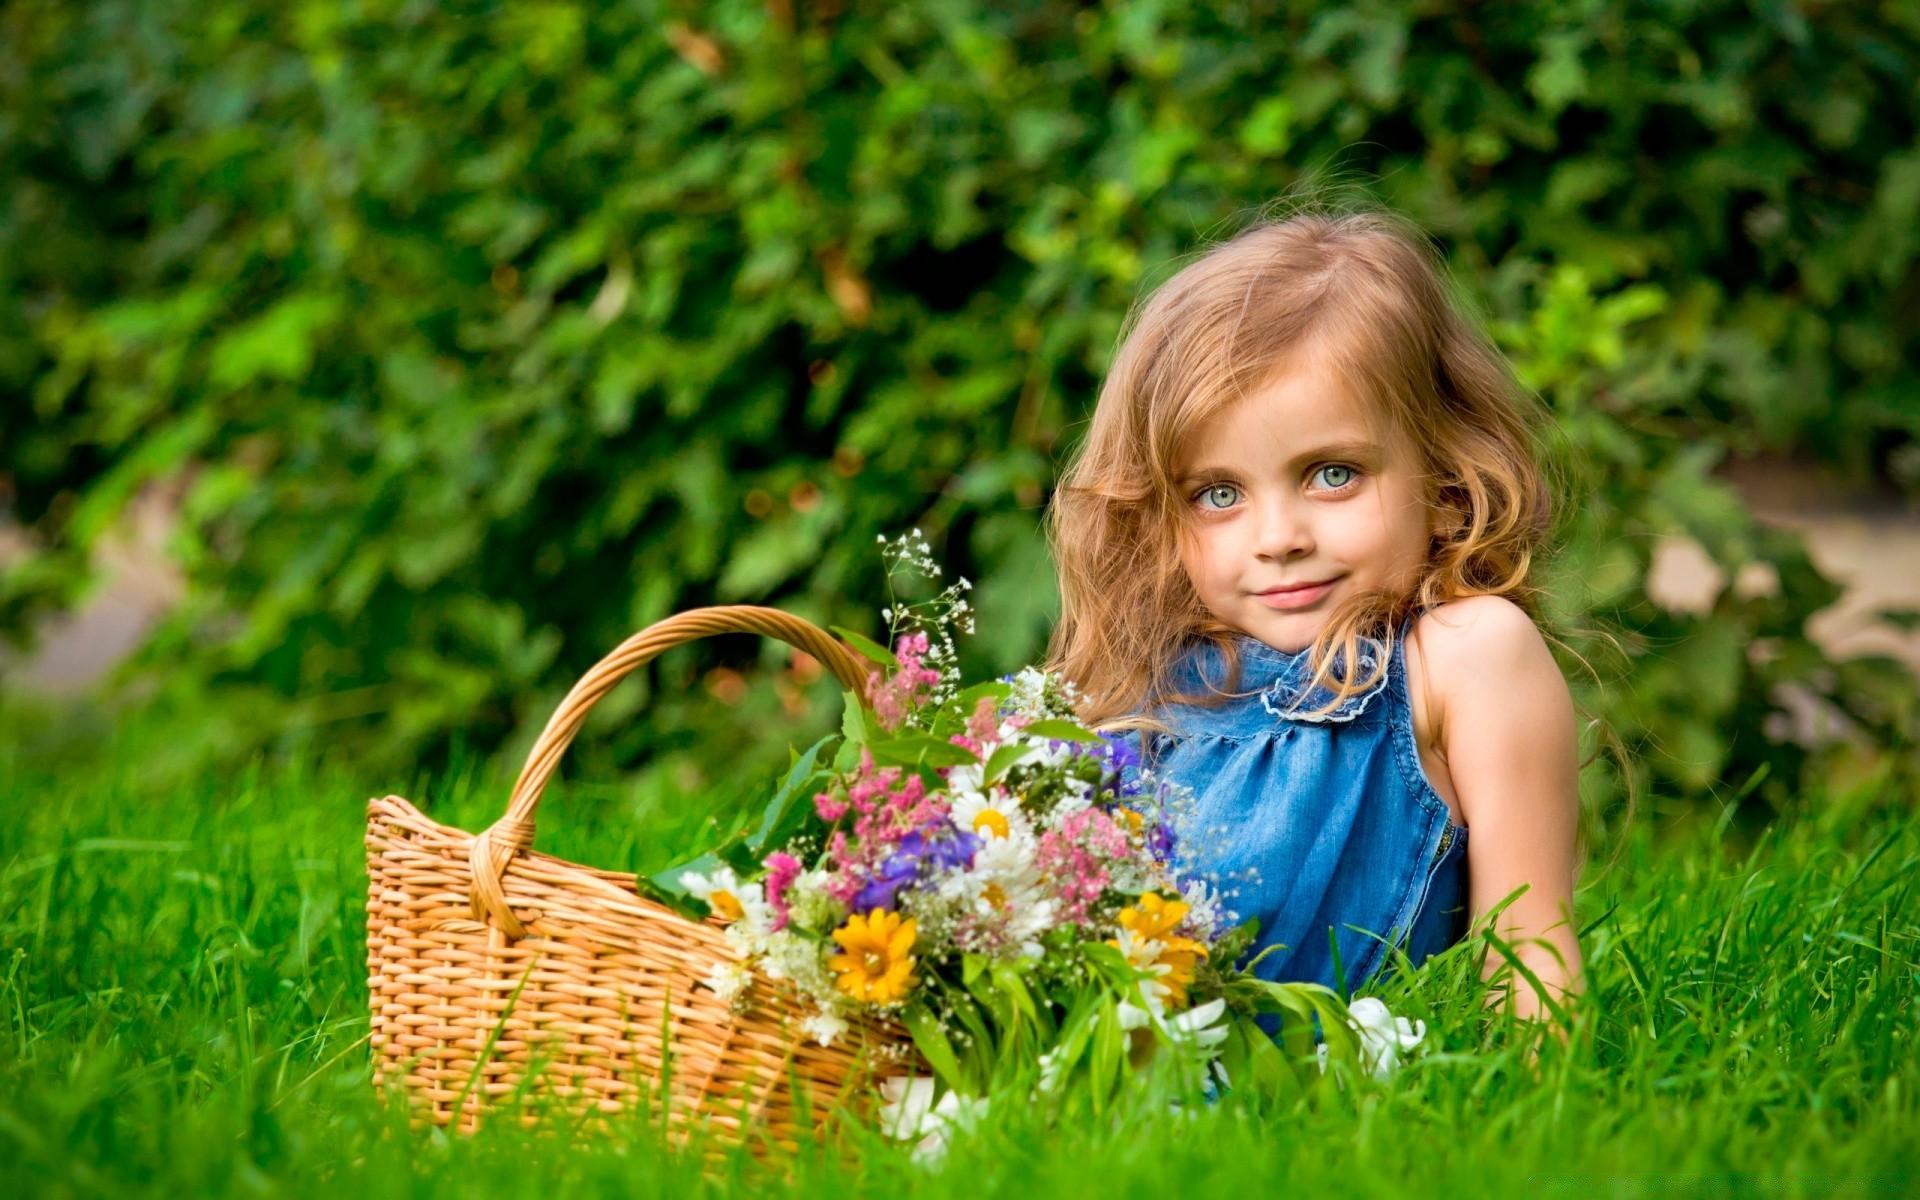 Девочка 5 лет картинки, днем днем